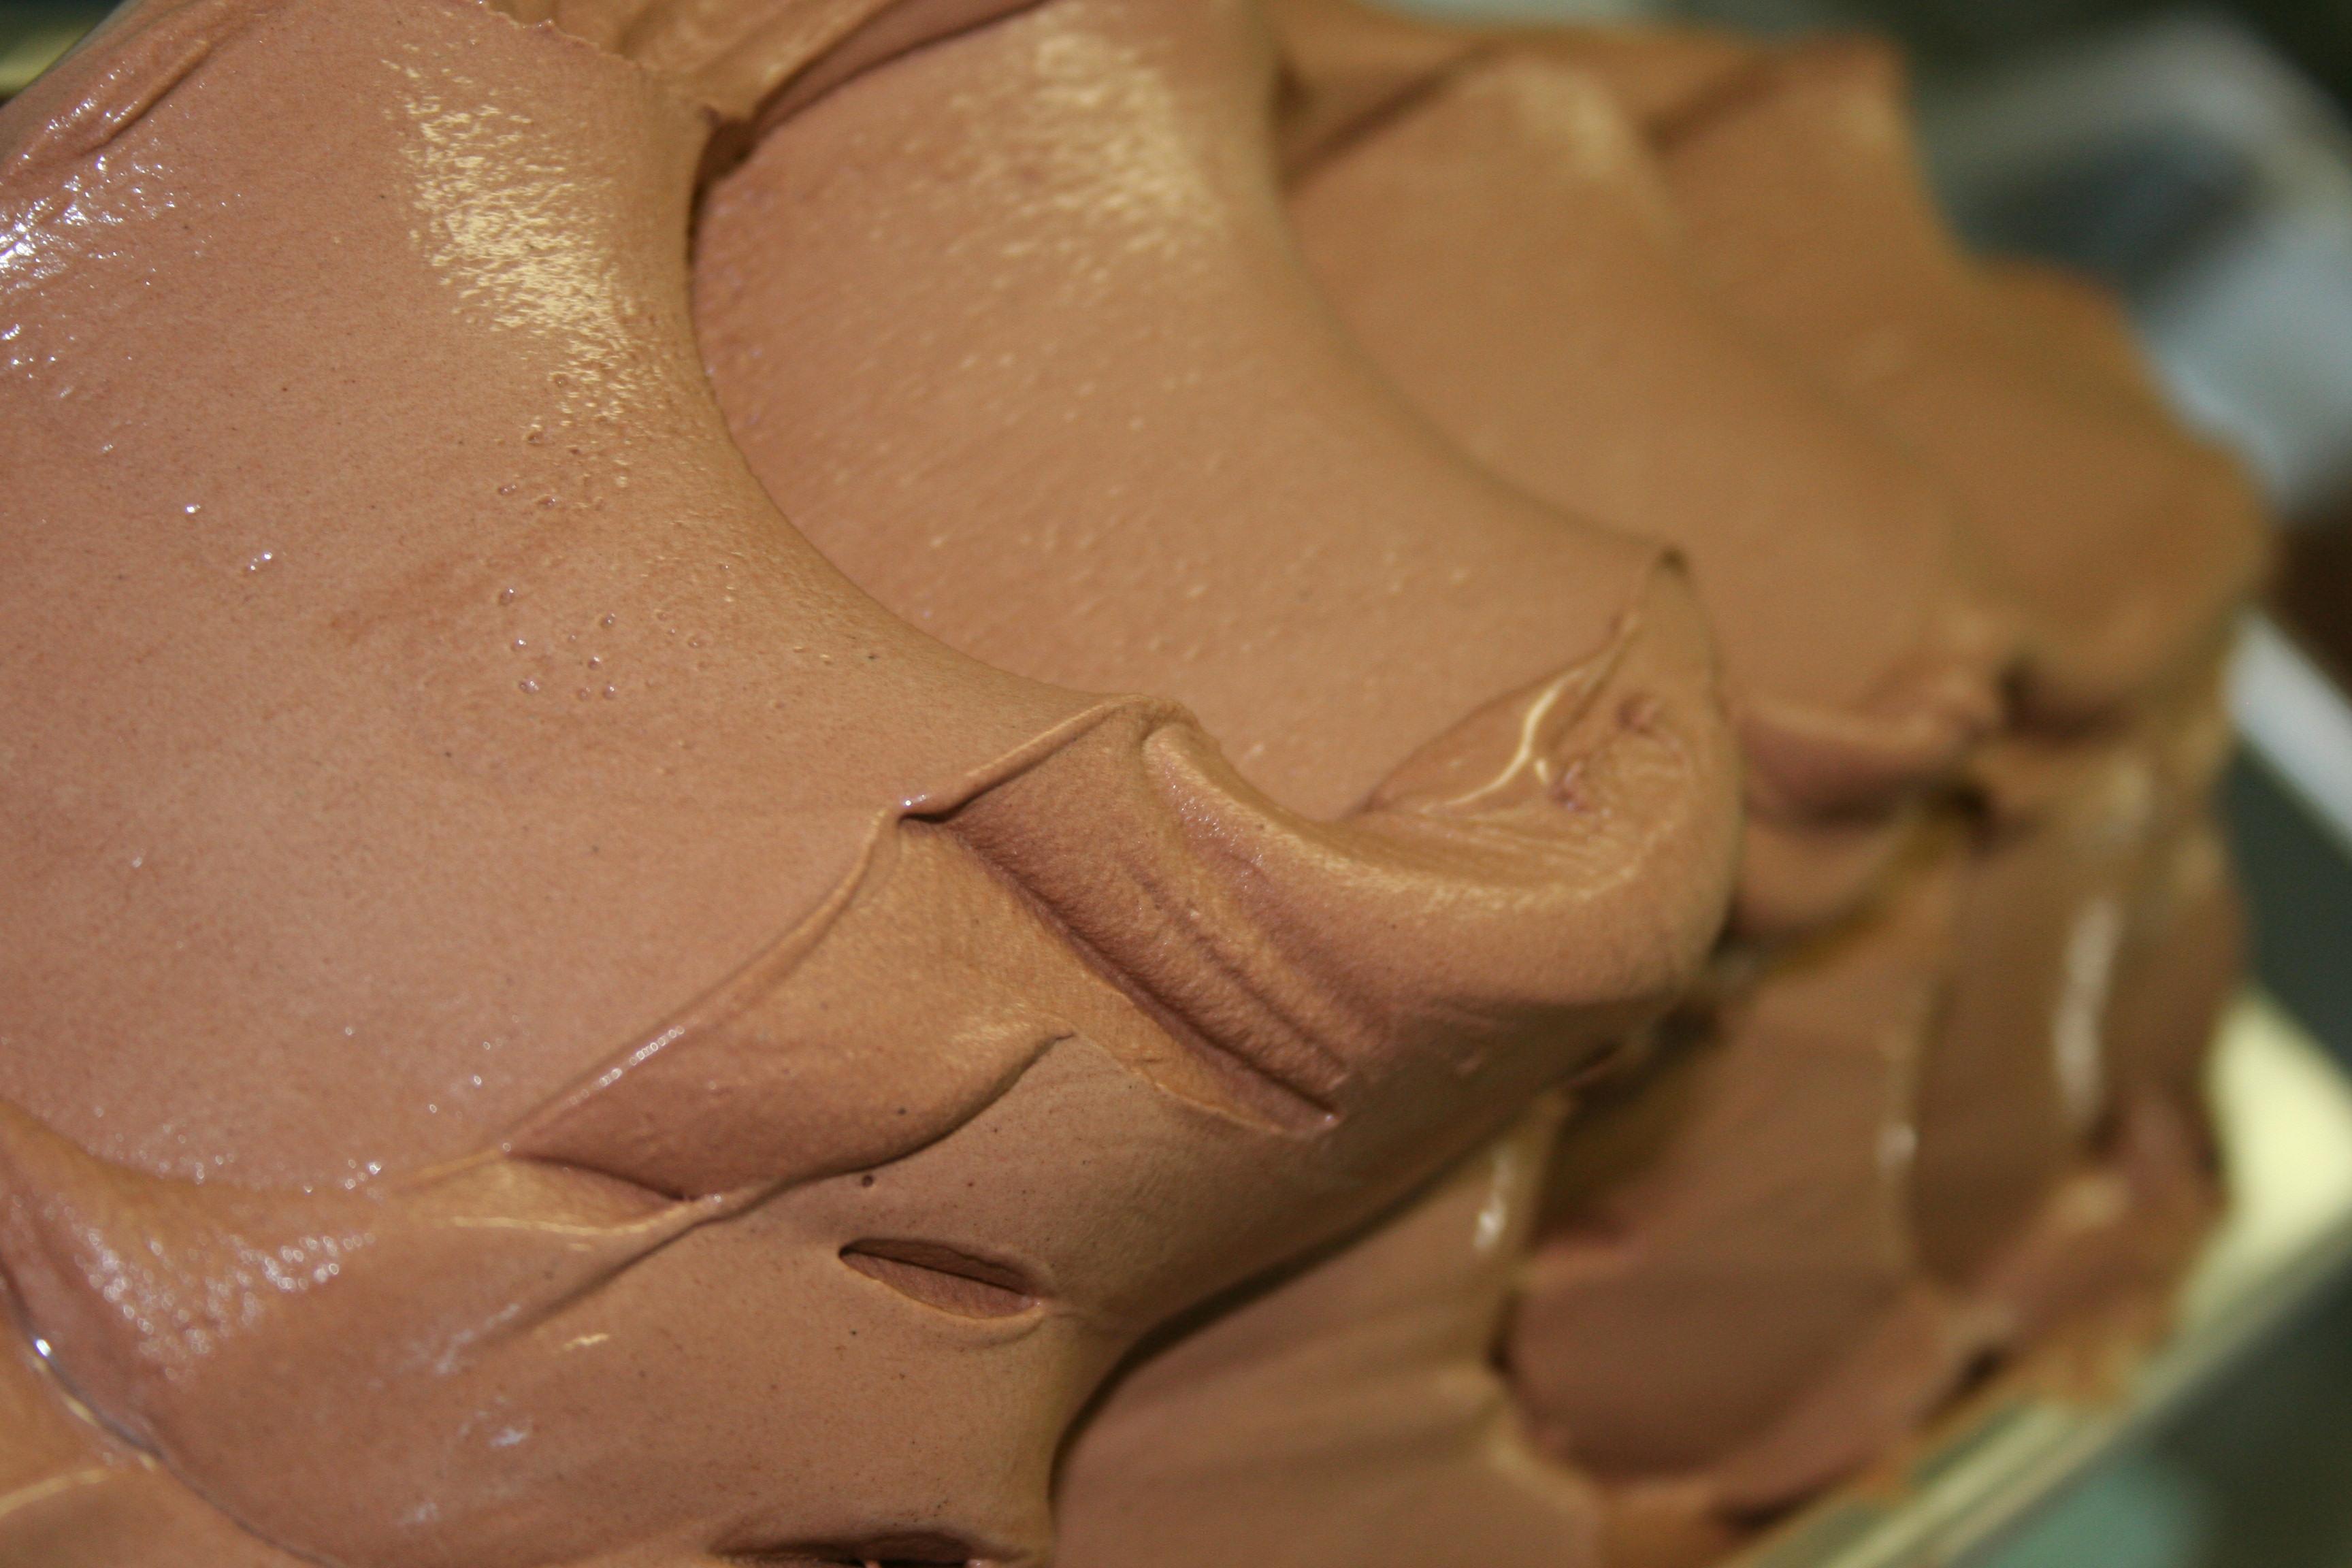 vagues de glace artisanale chocolat